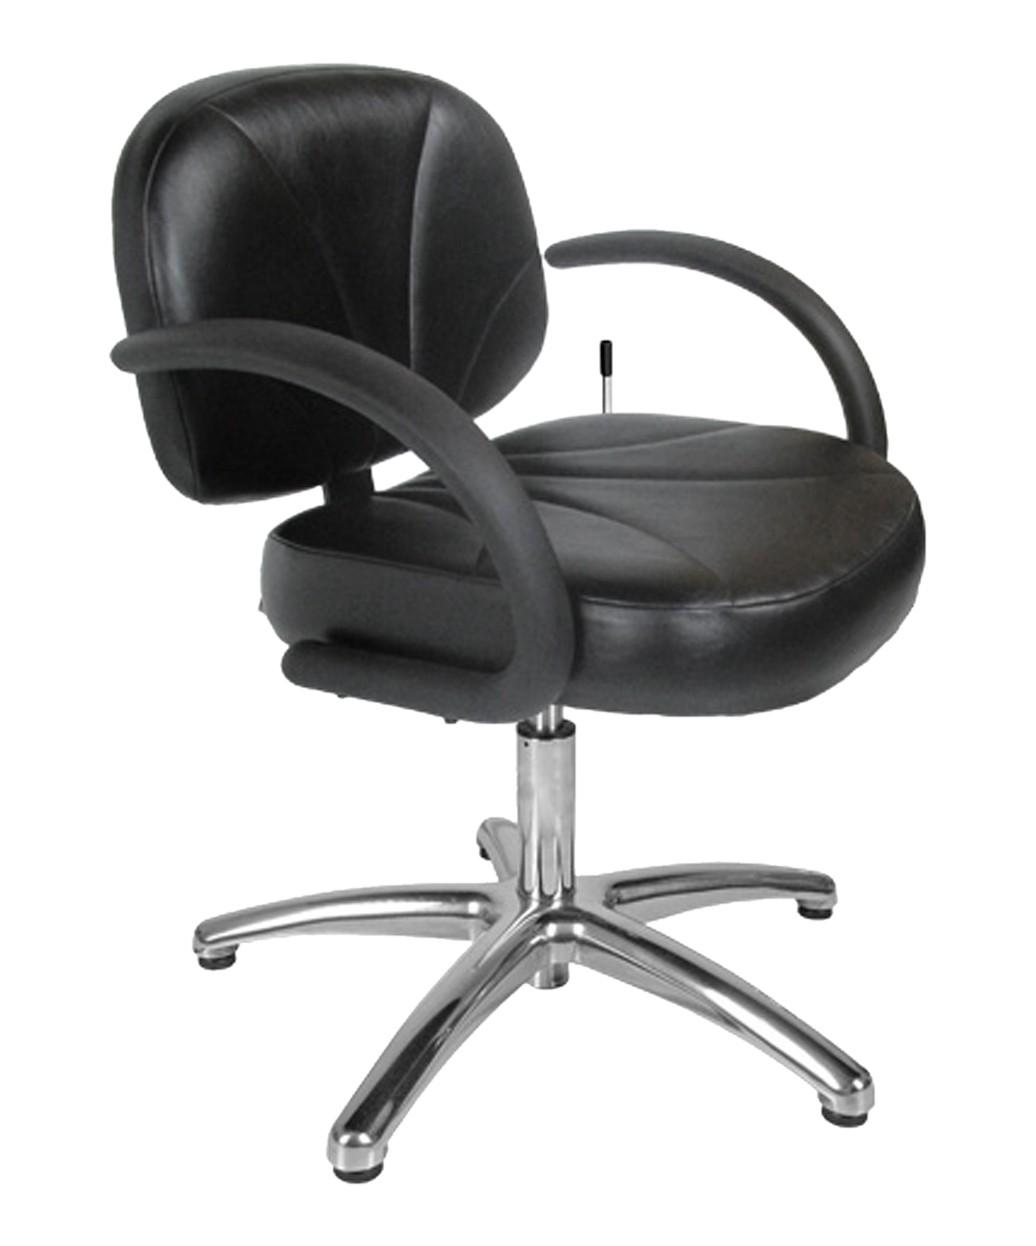 Collins 6530L Le Fleur Lever-Control Shampoo Chair